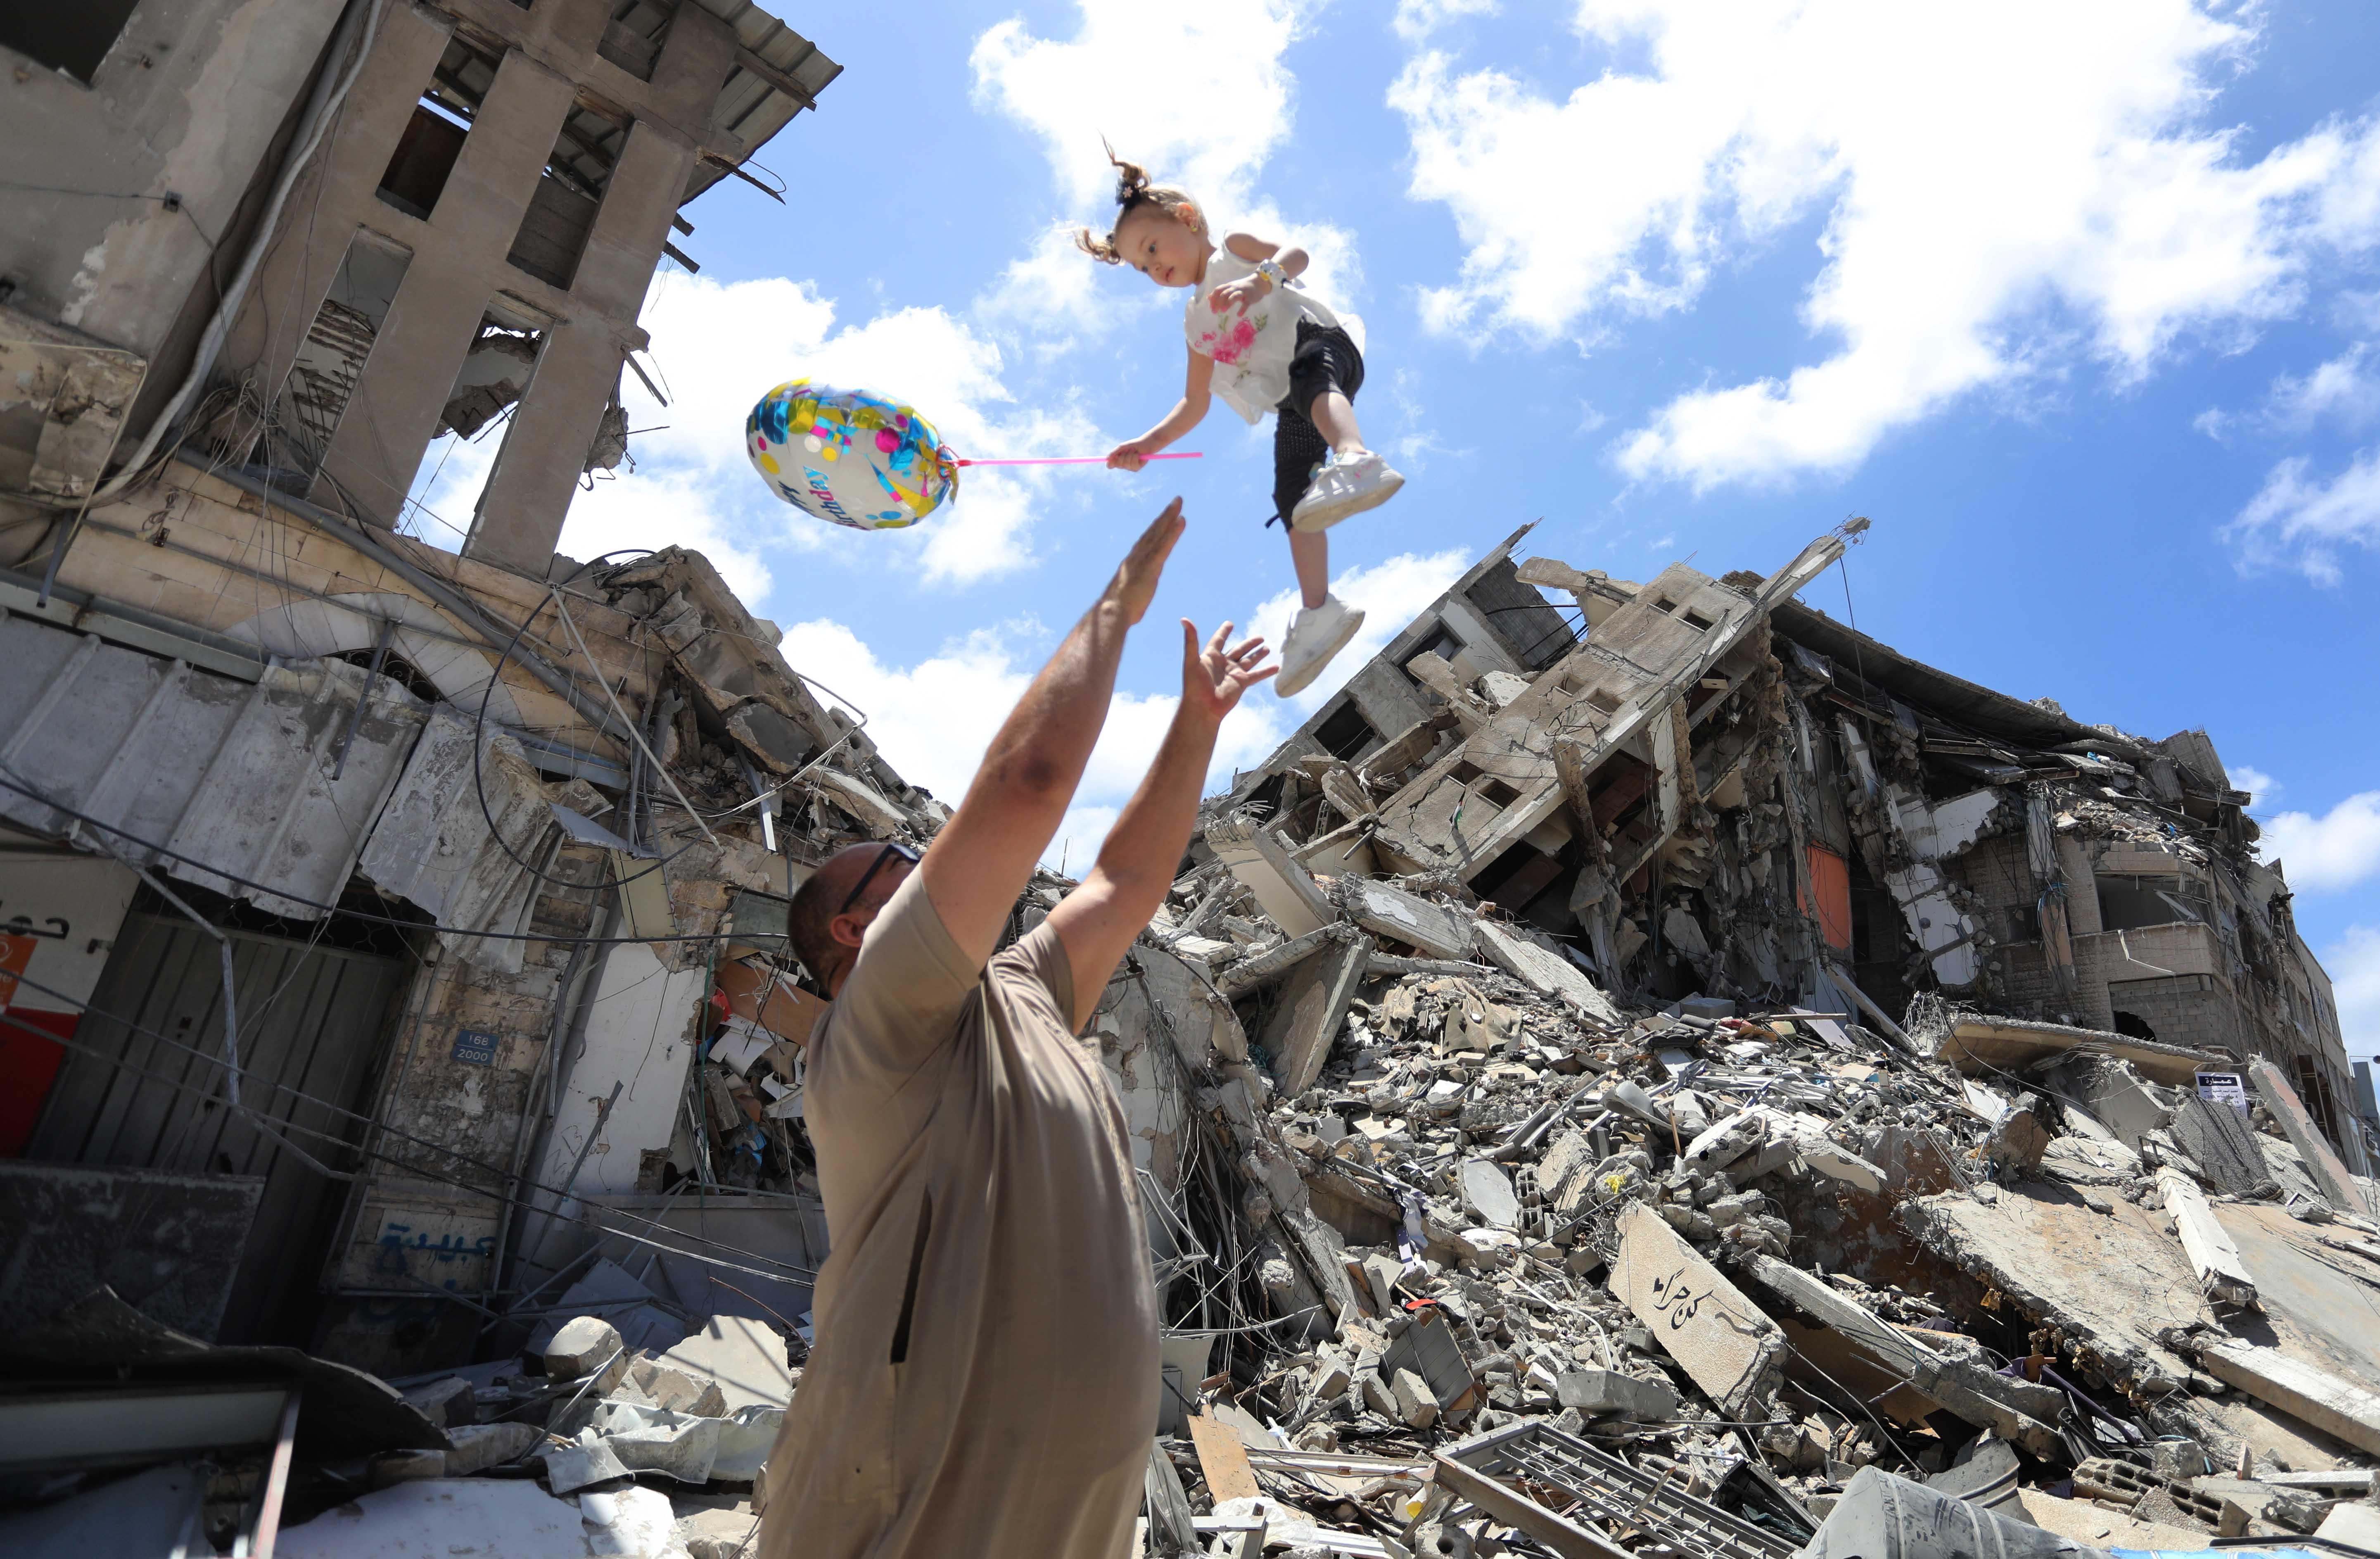 ¿Volver a la vida? Tras la brutal destrucción de las hostilidades en Gaza la población vuelve lentamente a sus hogares